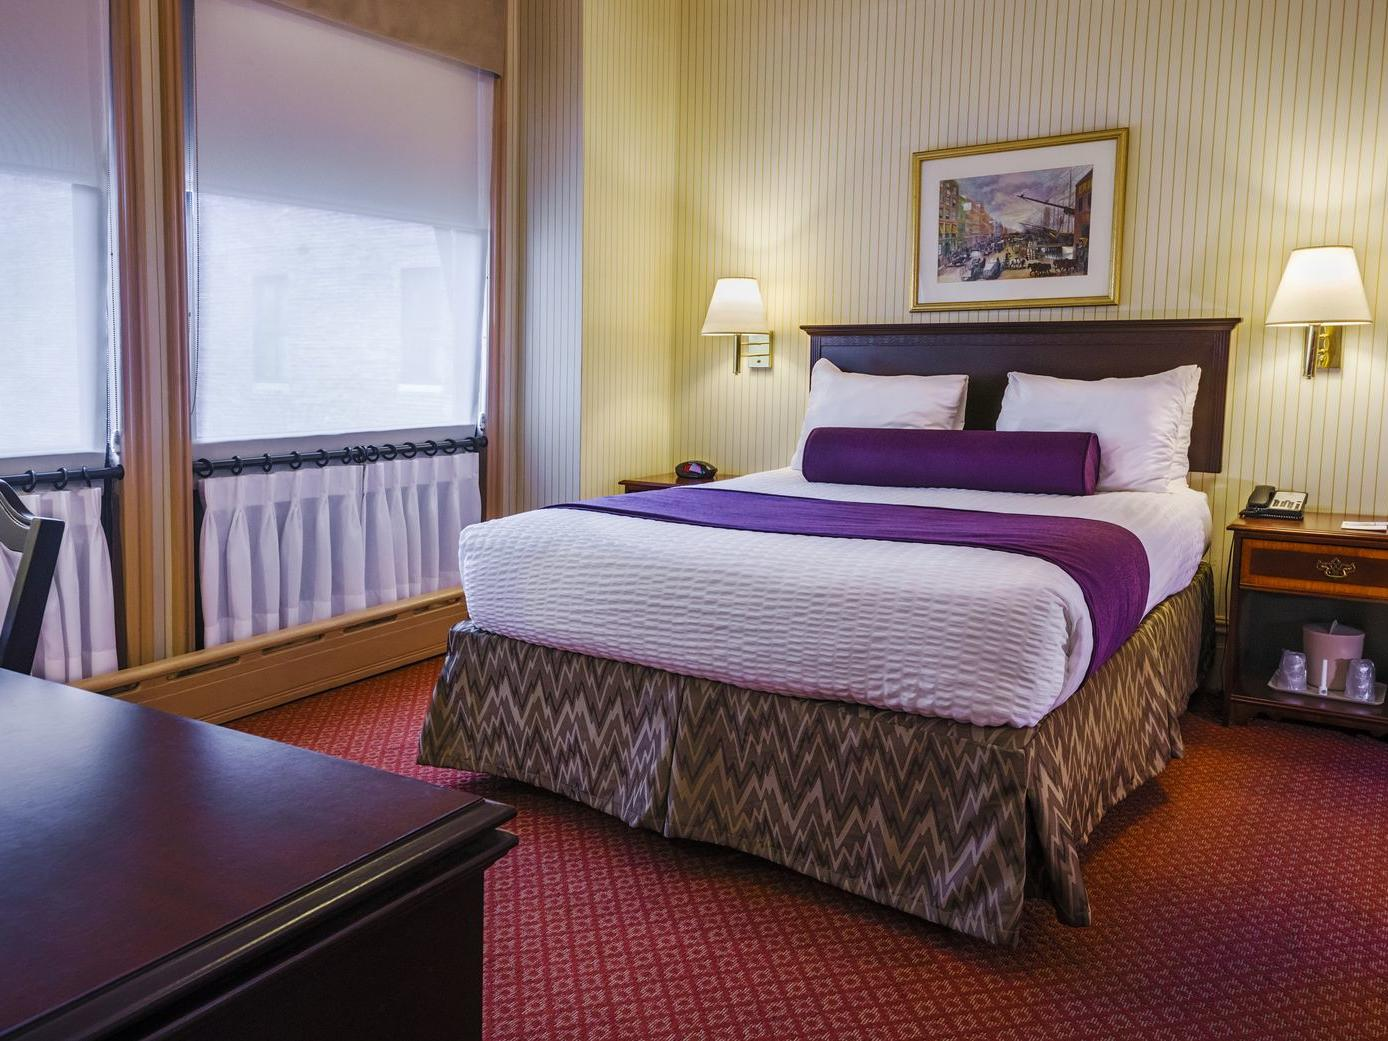 Queen Bedroom Interior